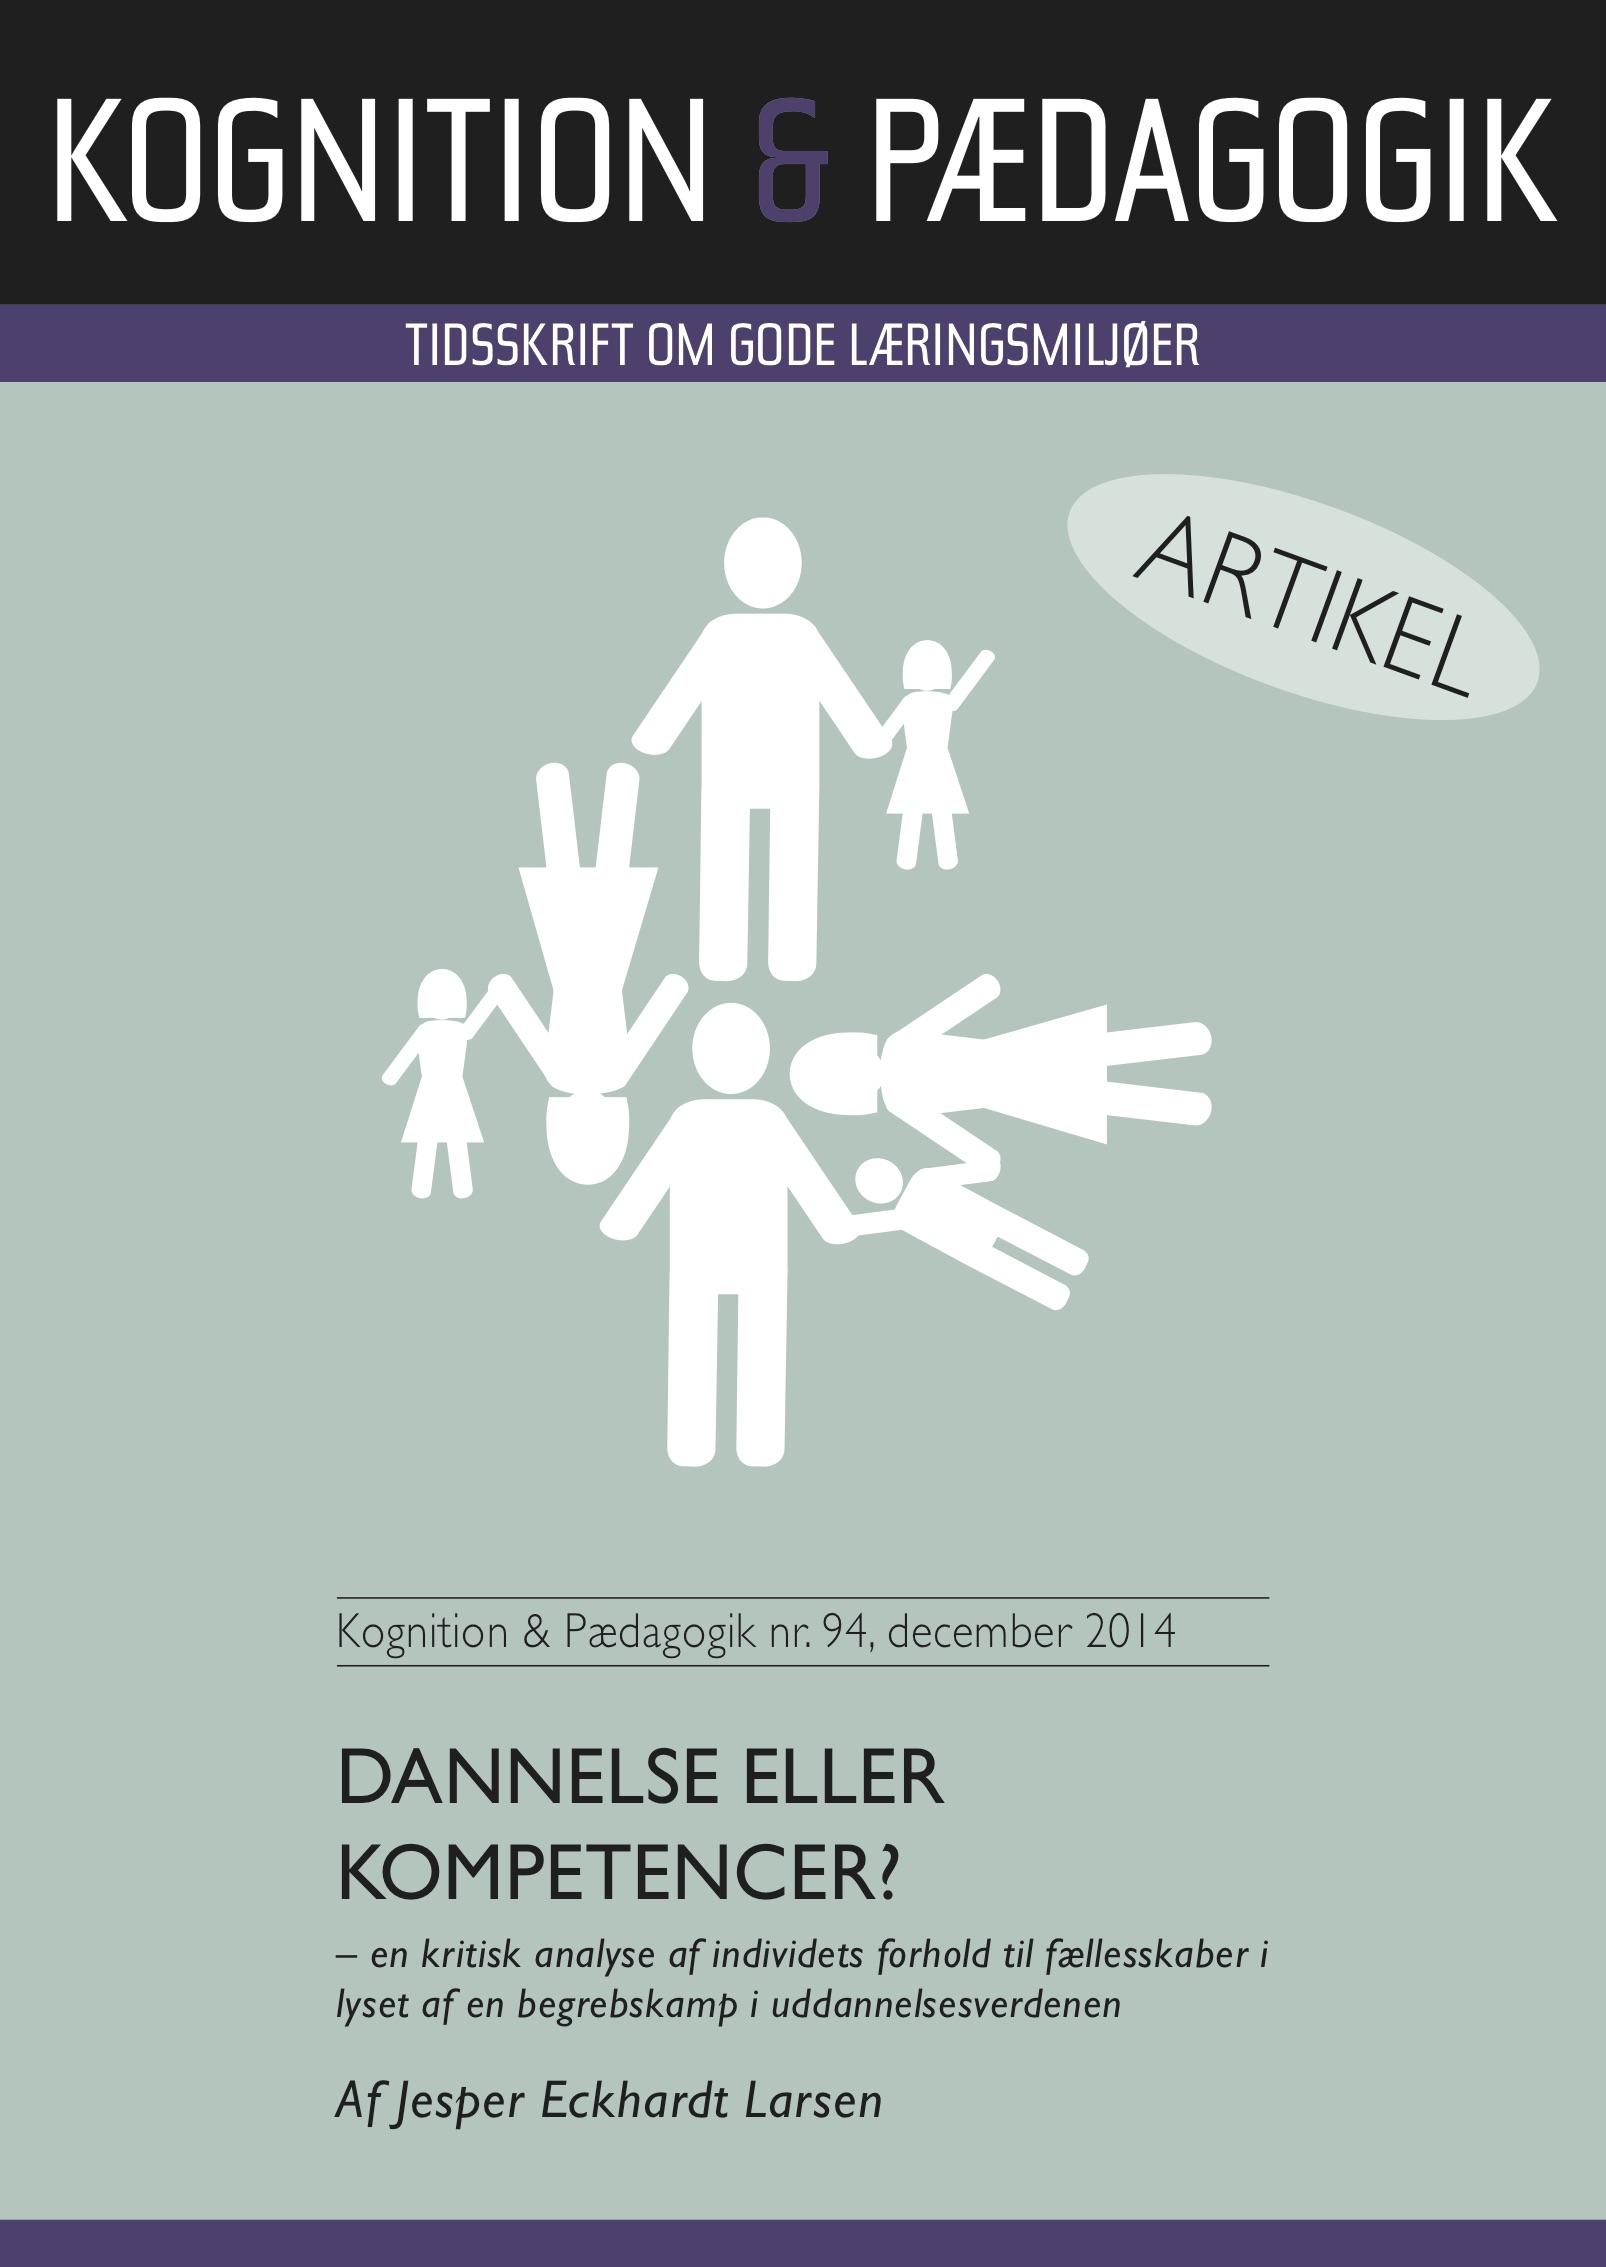 Dannelse eller kompetencer - e-bog fra N/A på bog & mystik